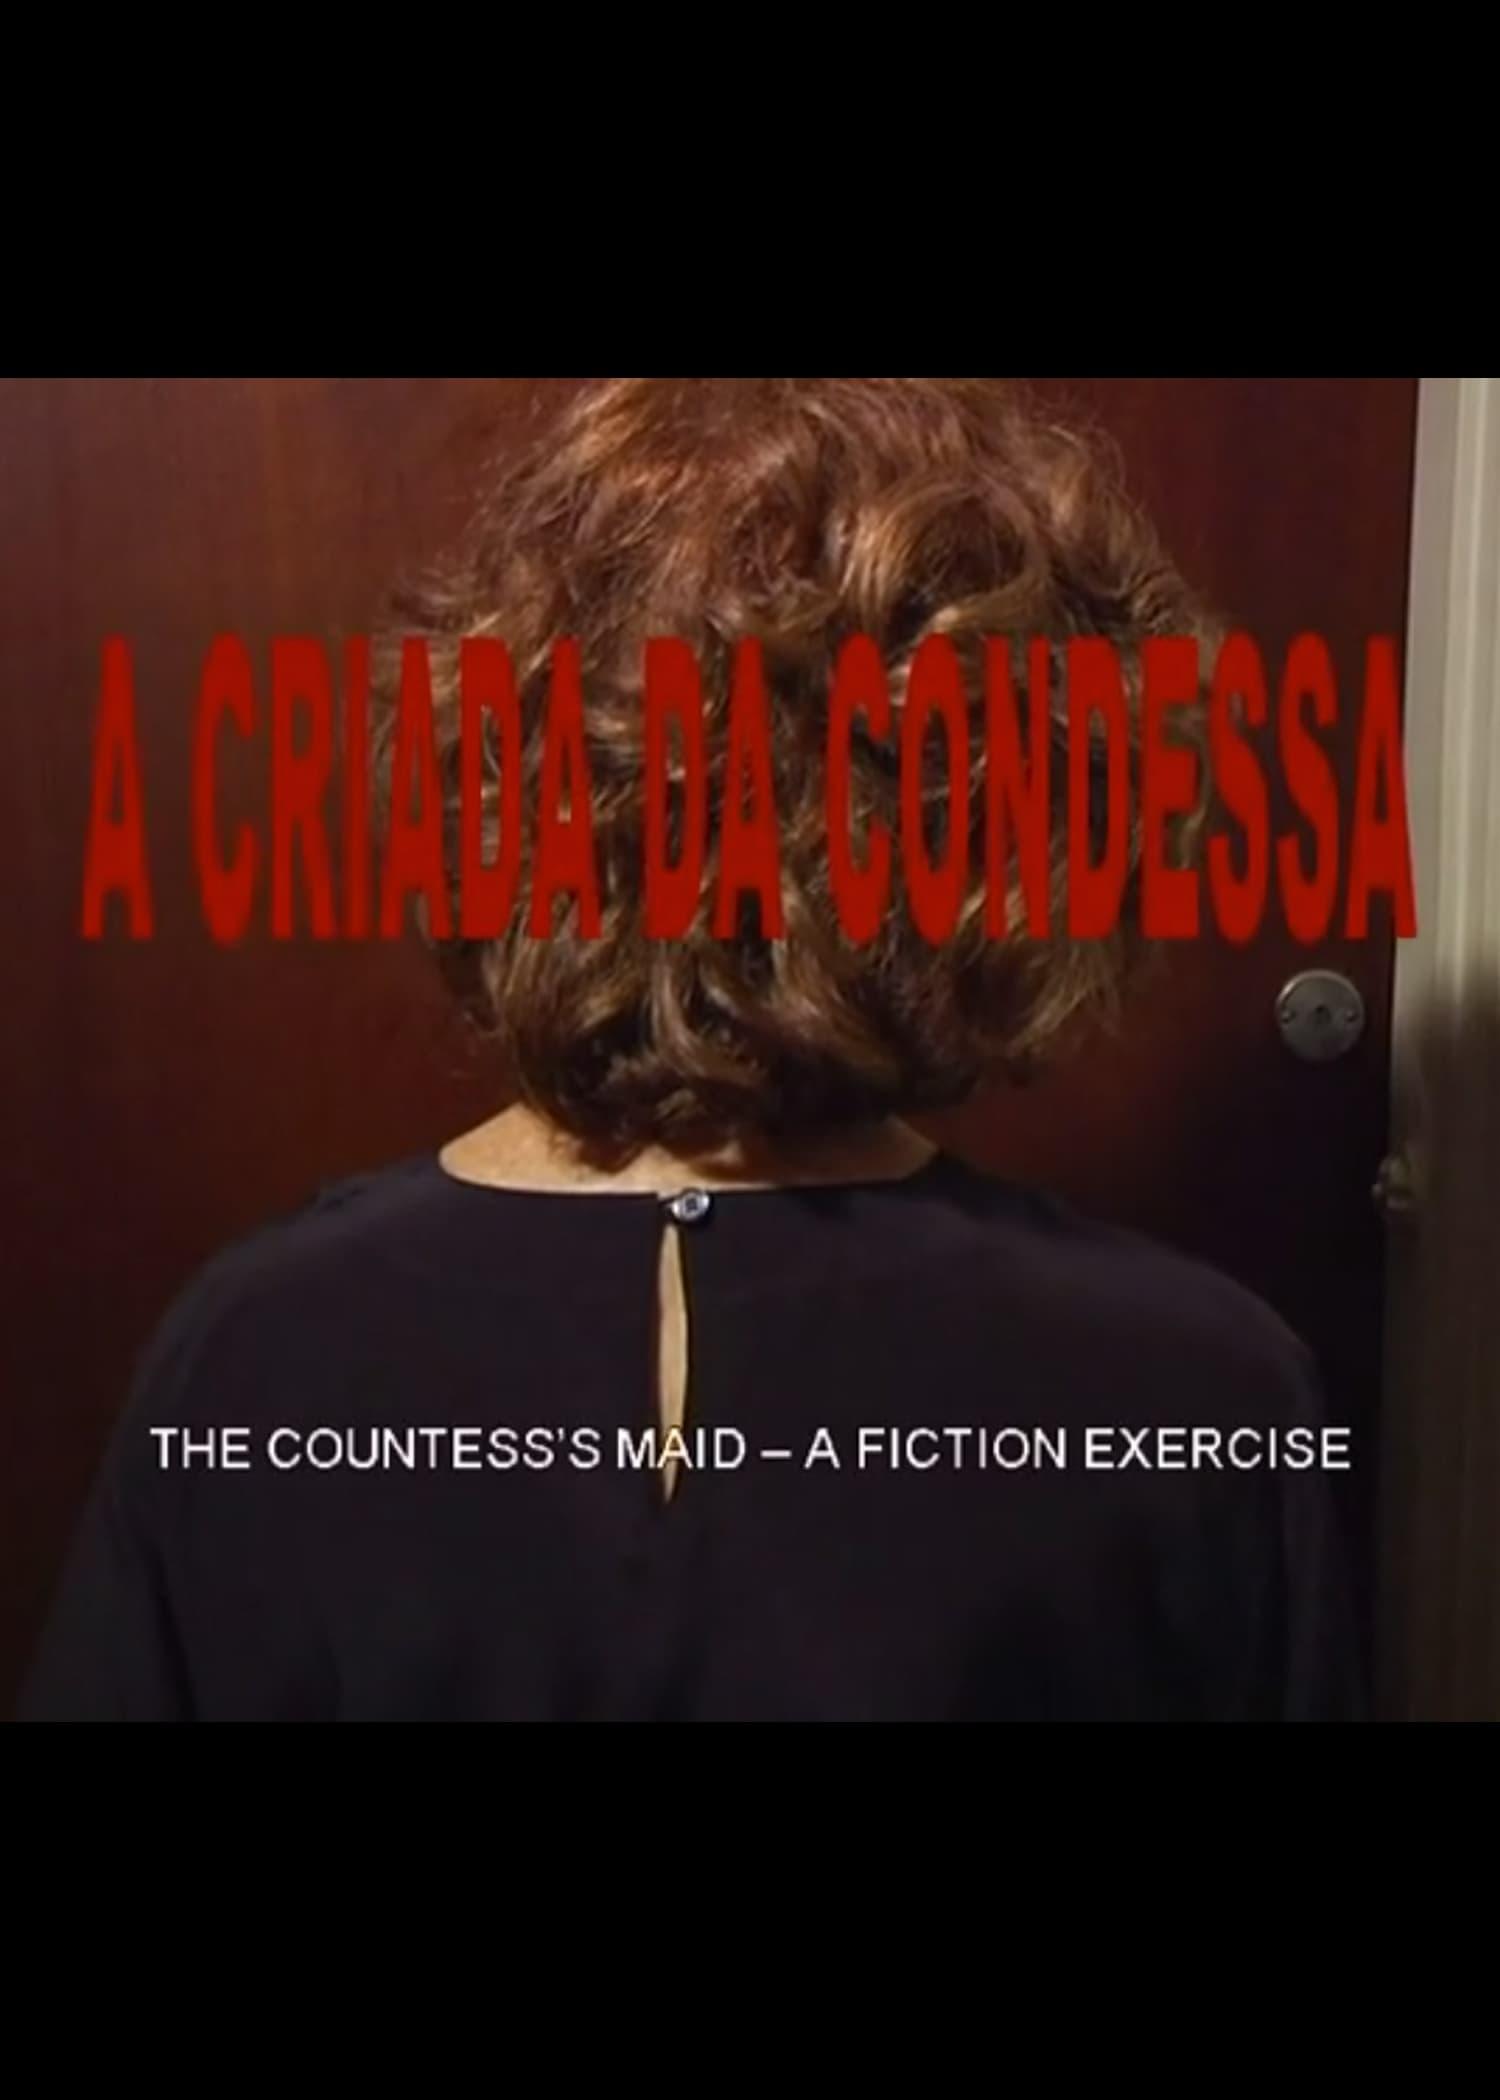 A Criada da Condessa